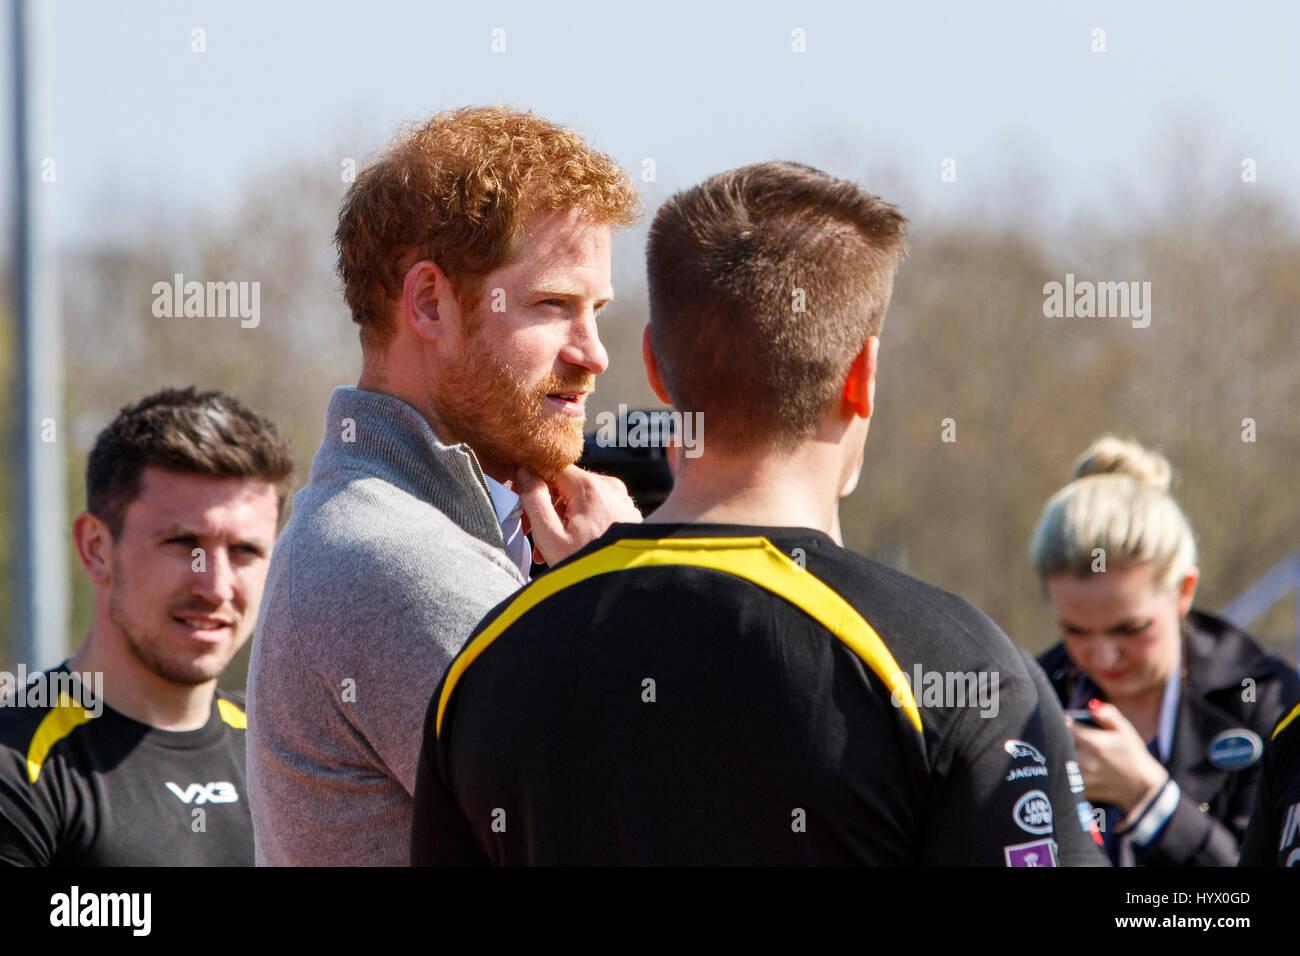 Bath, Großbritannien, 7. April 2017. Prinz Harry ist abgebildet im Gespräch mit Athleten an der University of Bath Stockfoto